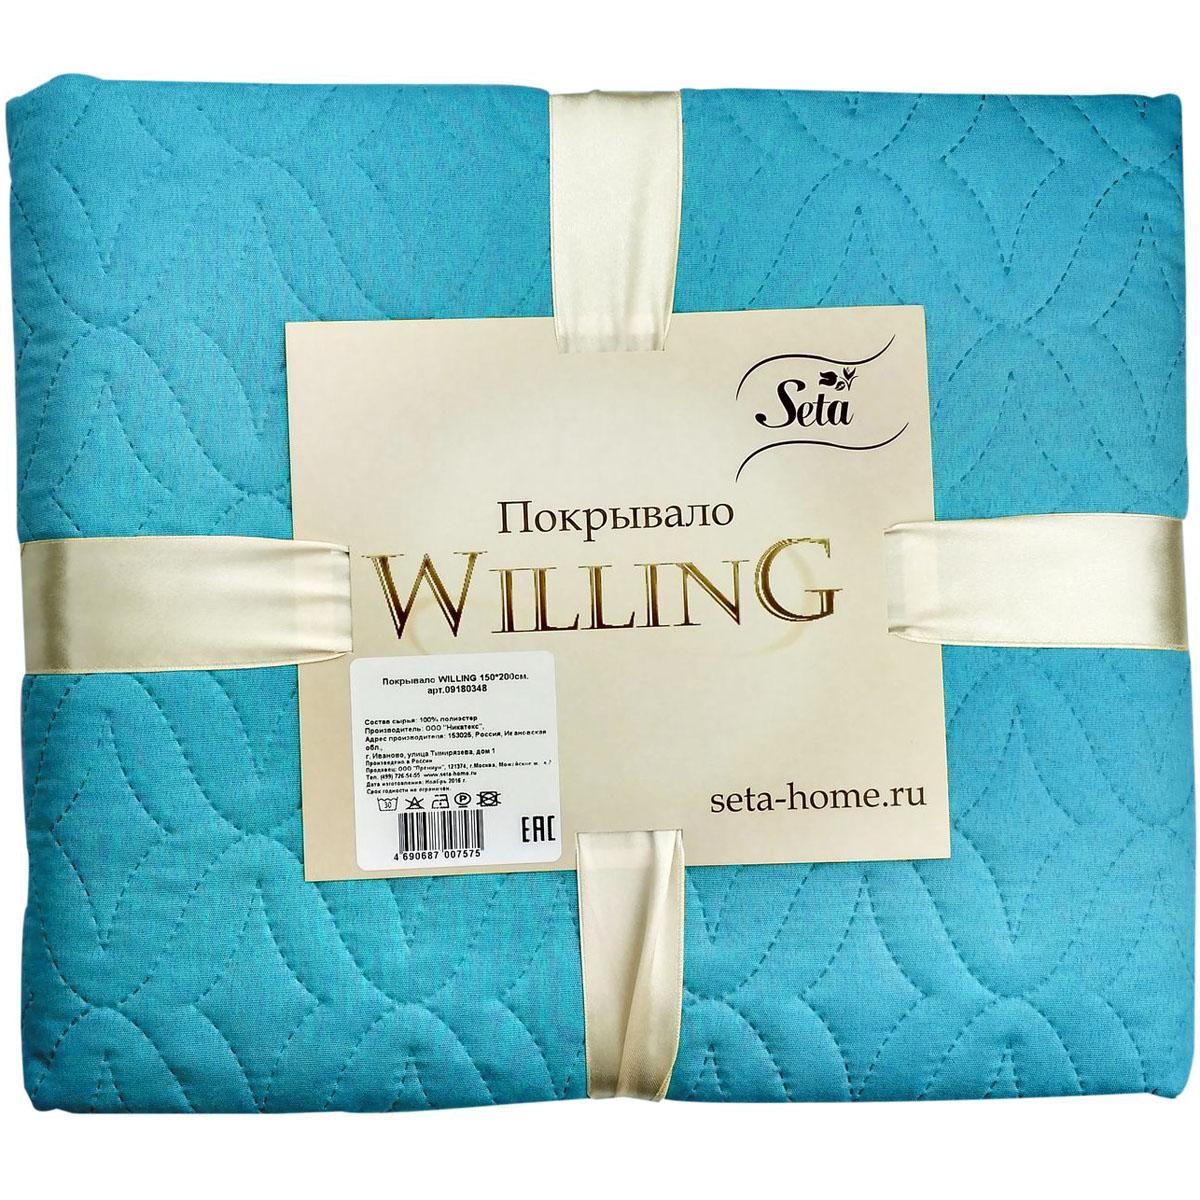 Покрывало Seta Willing, цвет: бирюзовый, 180 x 200 см09180515Прекрасные покрывала компании Seta окутают вас теплом и лаской в самые суровые морозы. А в теплое время года придадут необыкновенную элегантность интерьеру вашего дома.